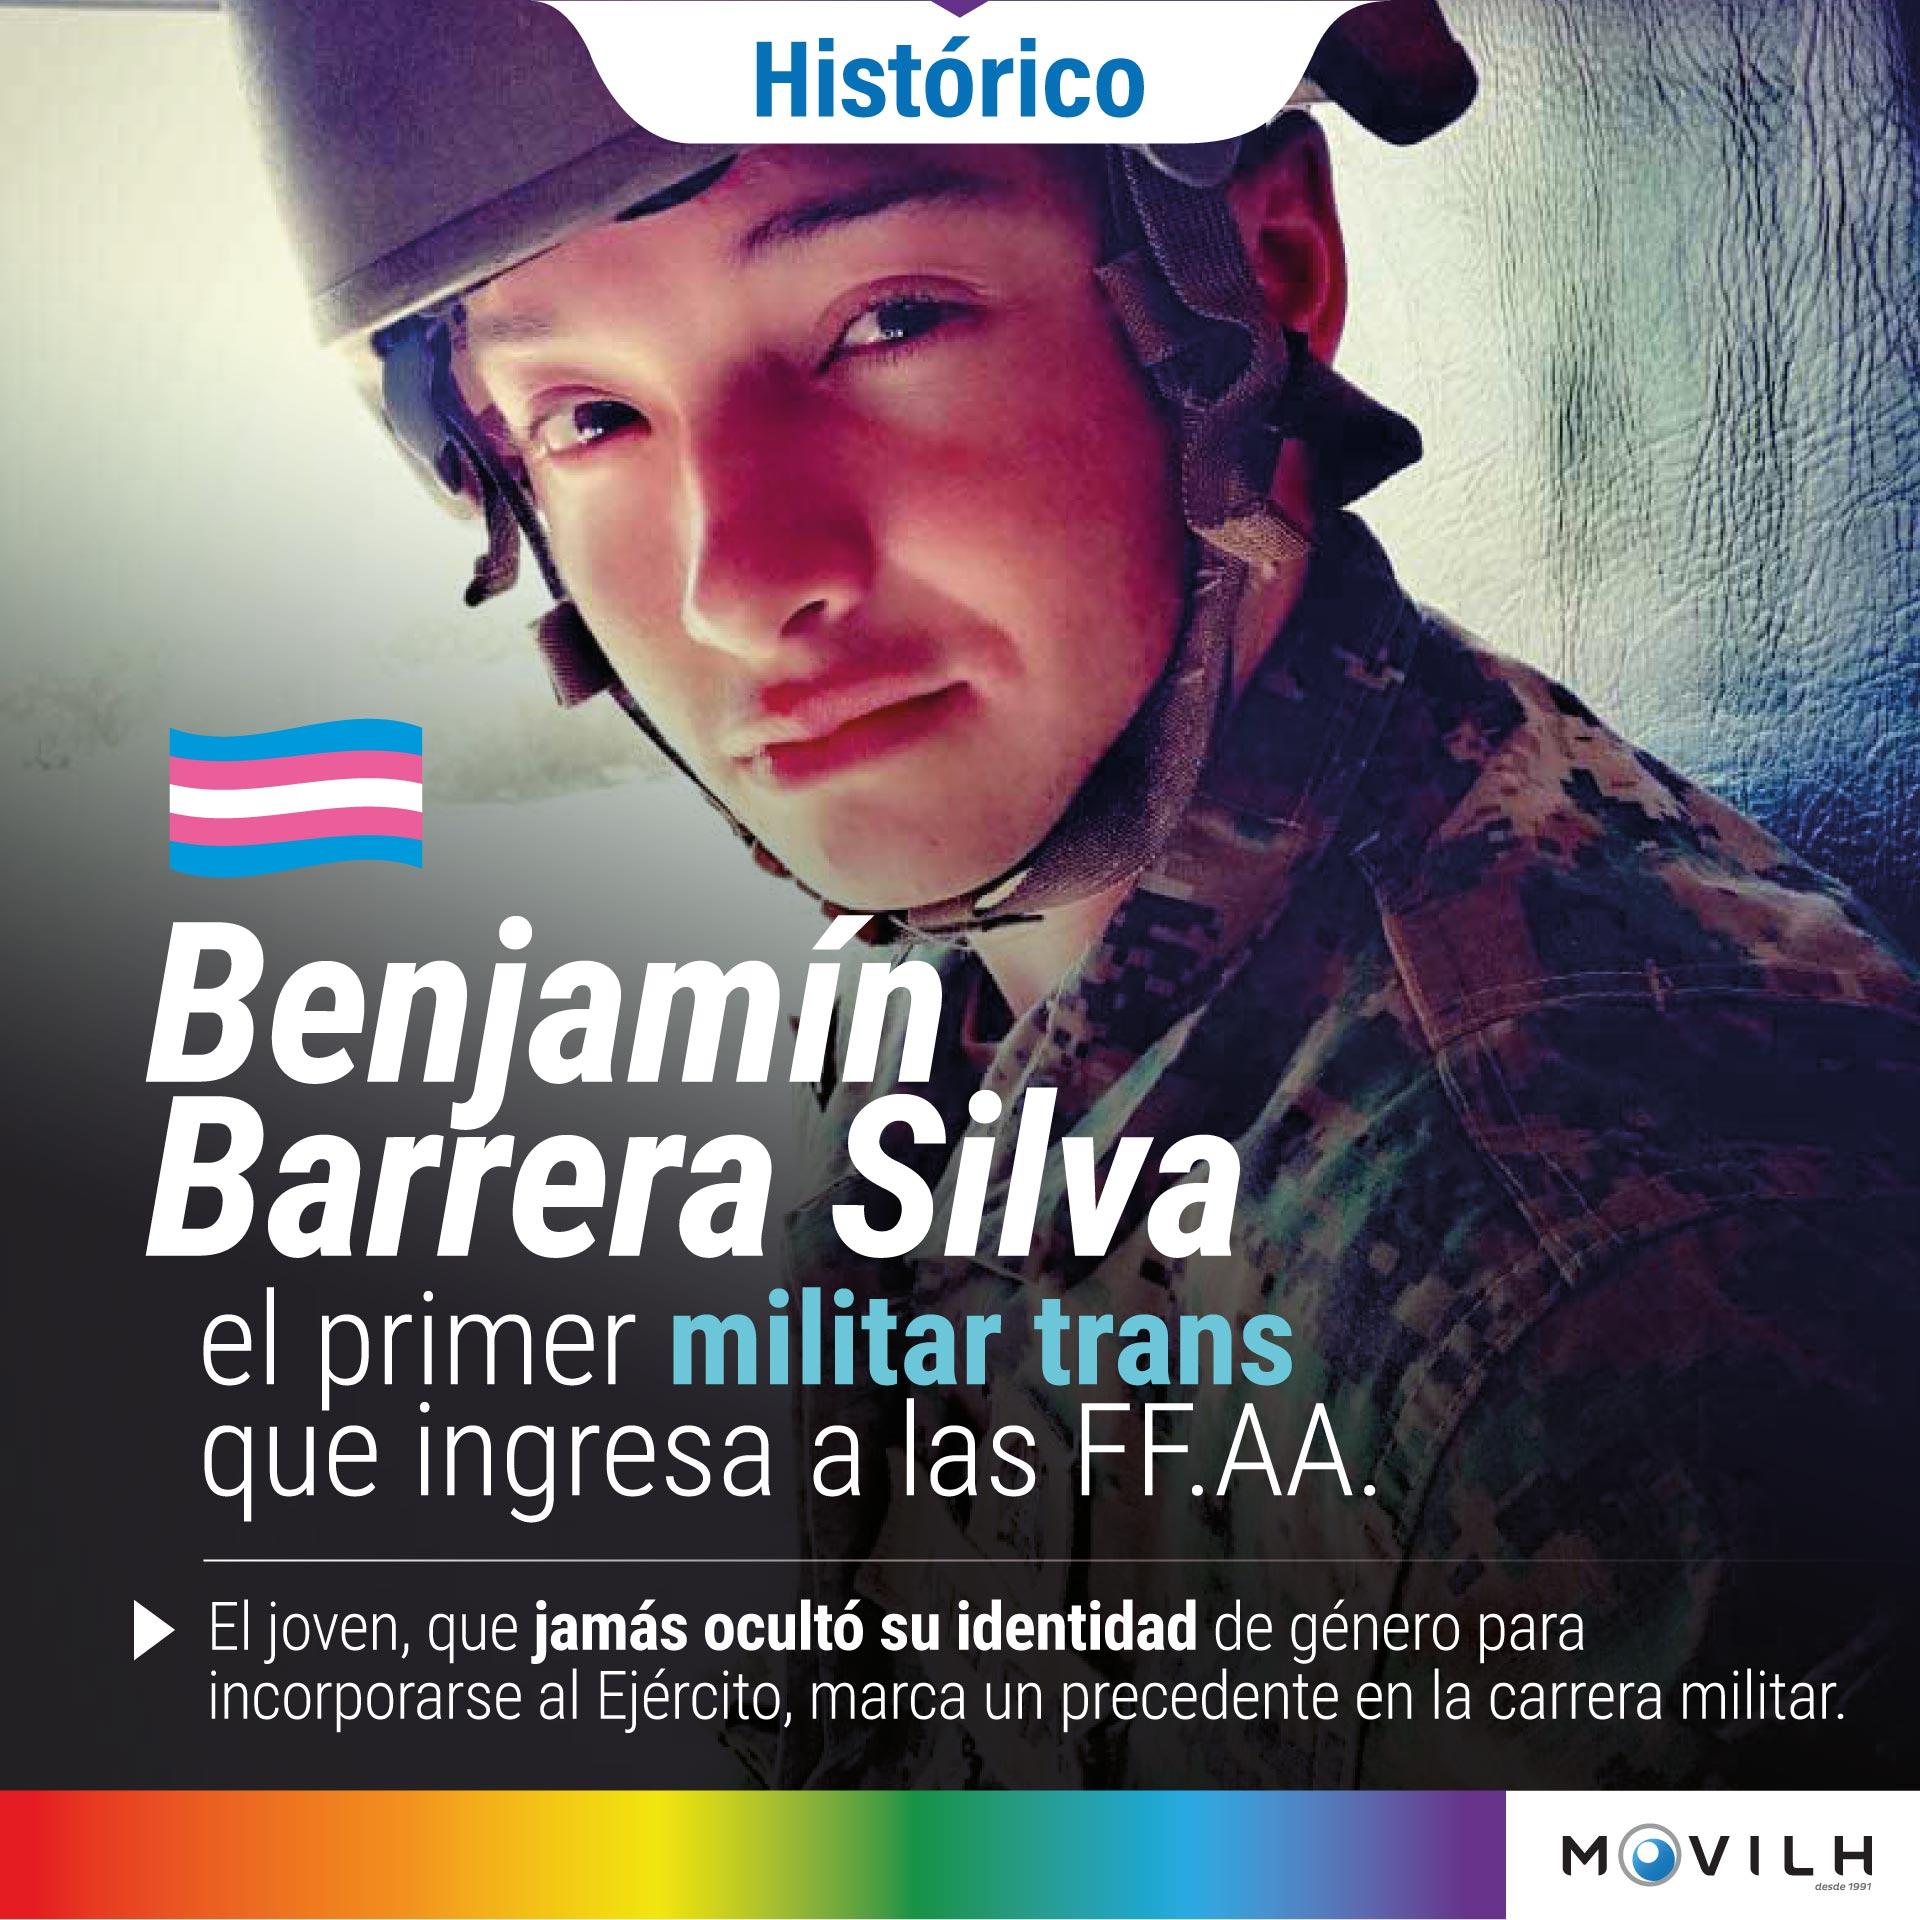 Noticias Chile | Ejército de Chile tiene el primer trans entre sus filas